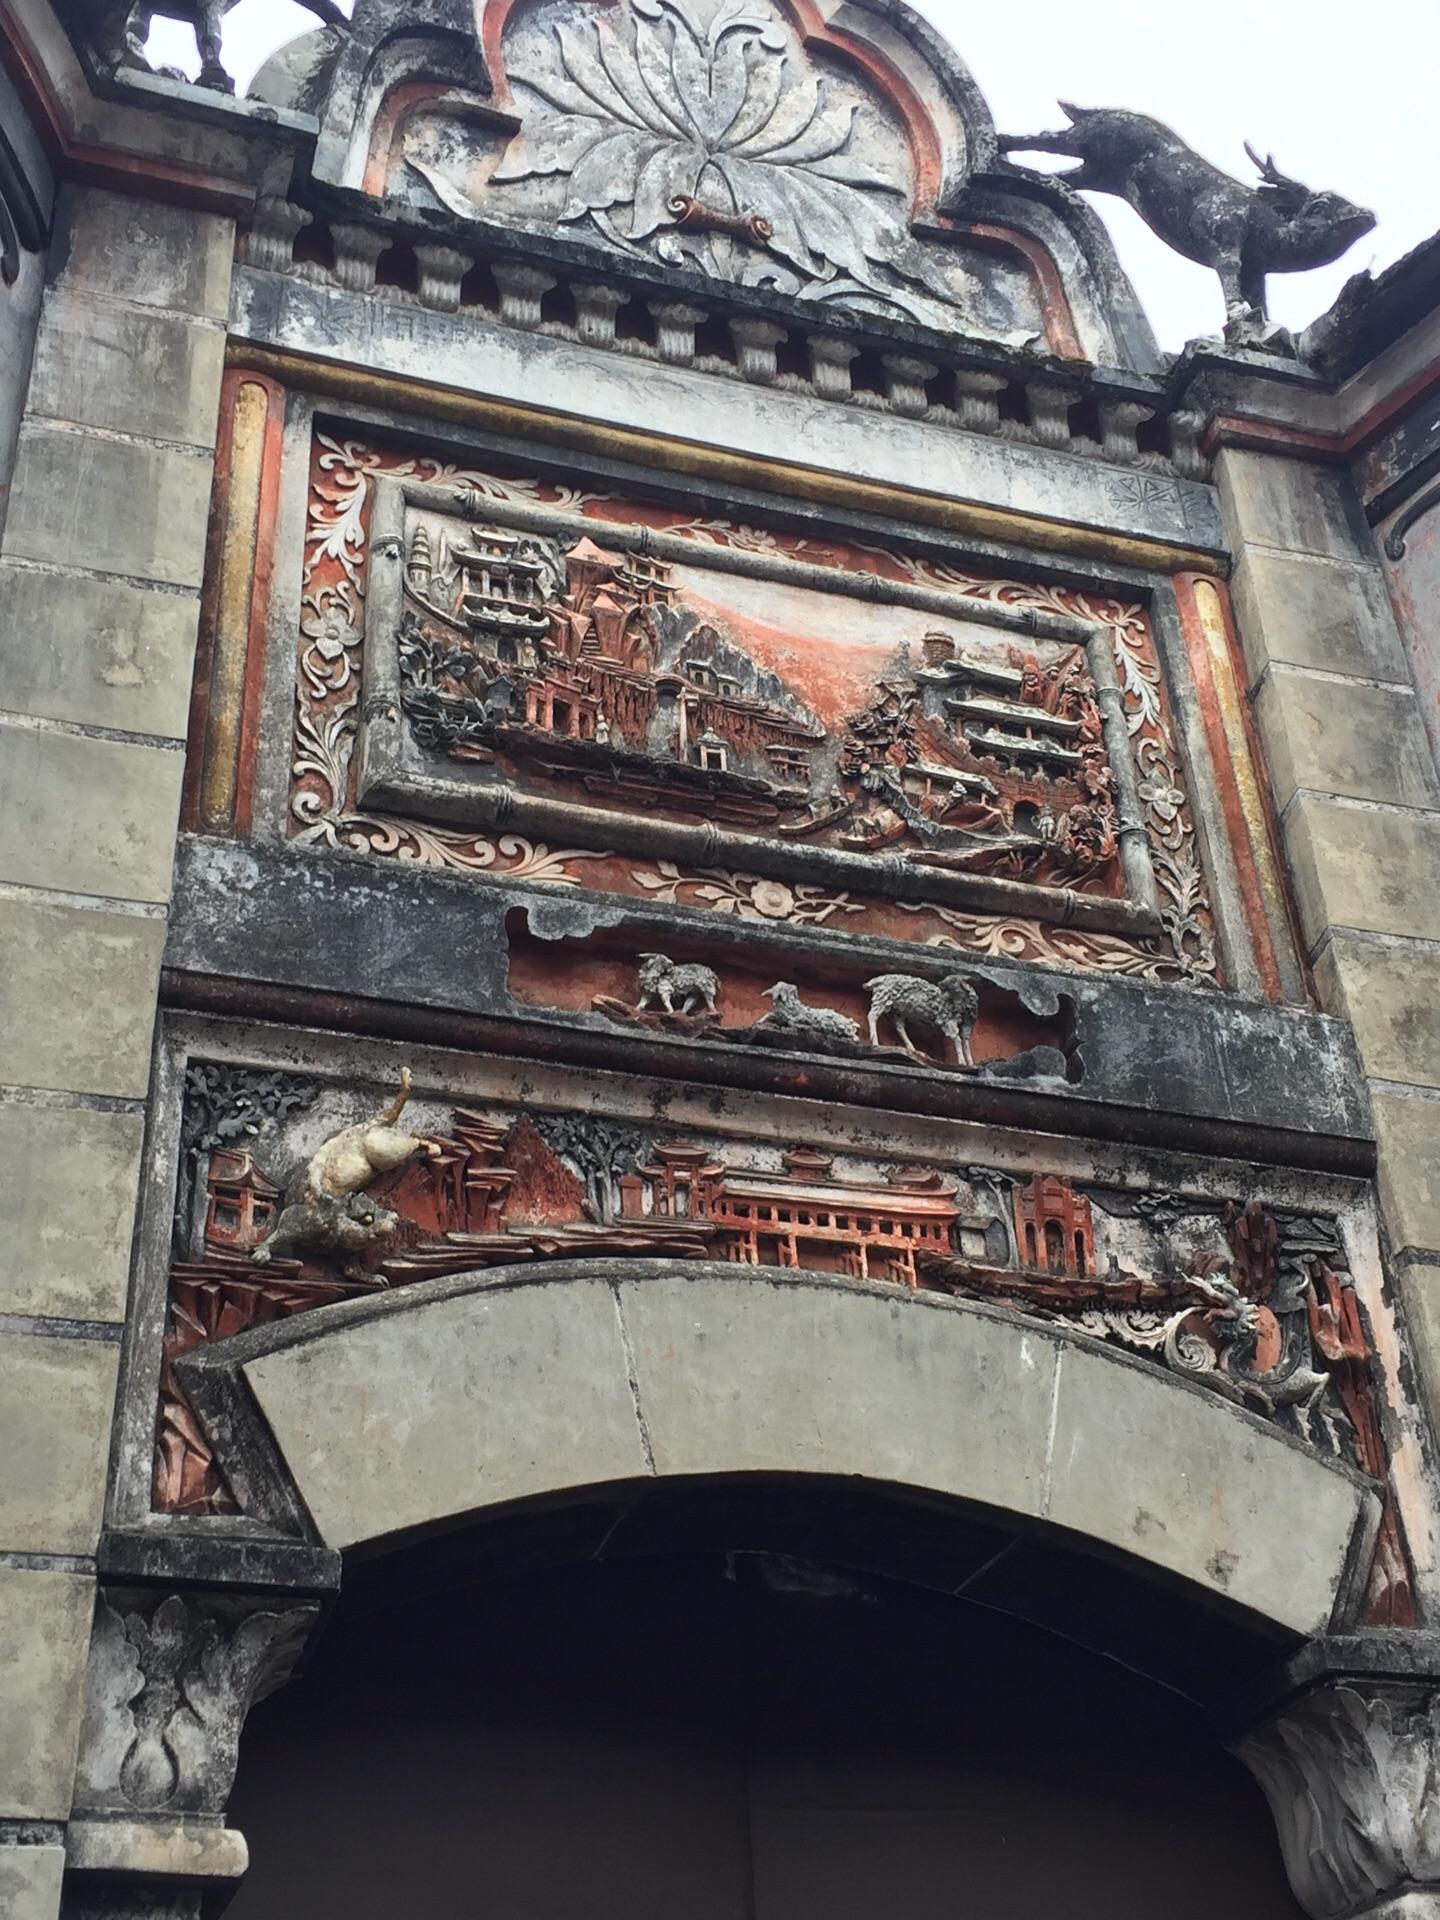 2019刘氏纪录博物馆游玩庄园,位于安仁大邑古抡攻略通关游戏锤子图片